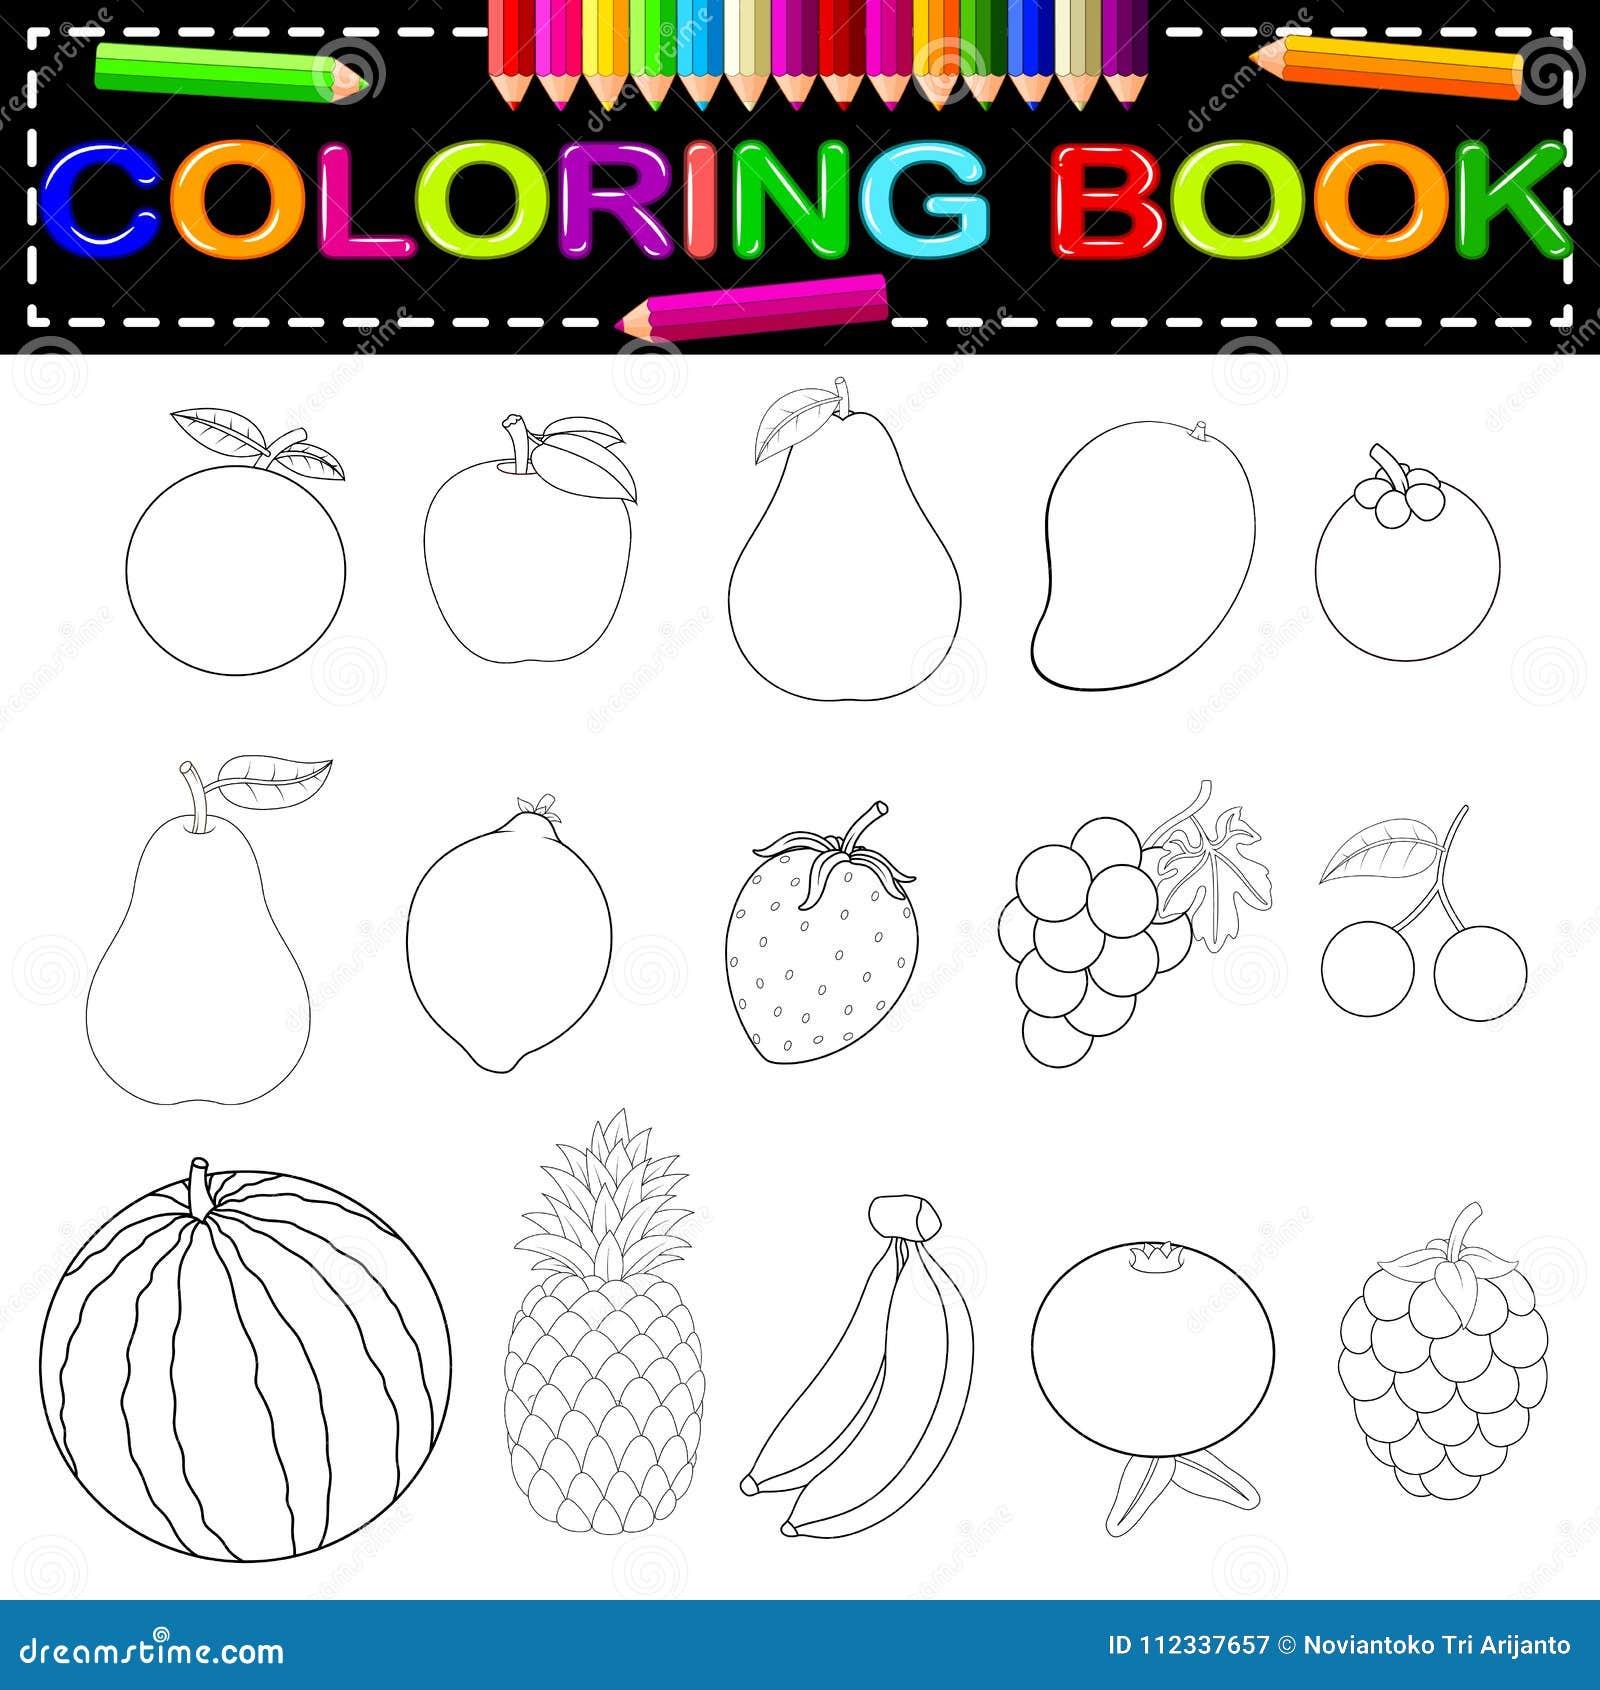 Encantador Libro De Colorear De Estilo Avanzado Viñeta - Dibujos ...